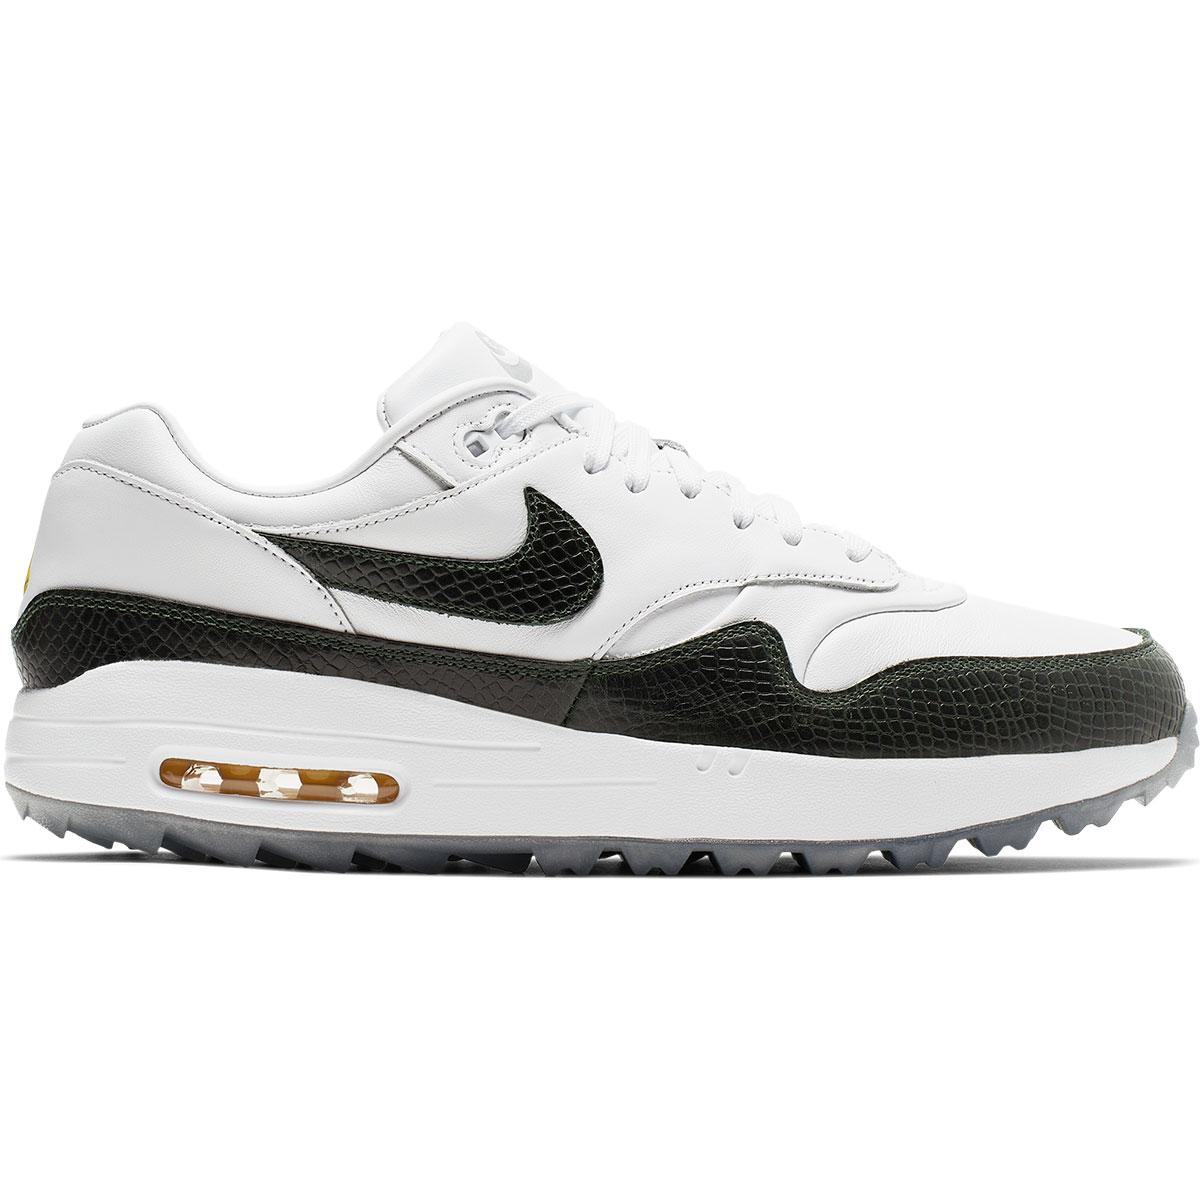 Nike Golf Air Max 1G NRG Shoes